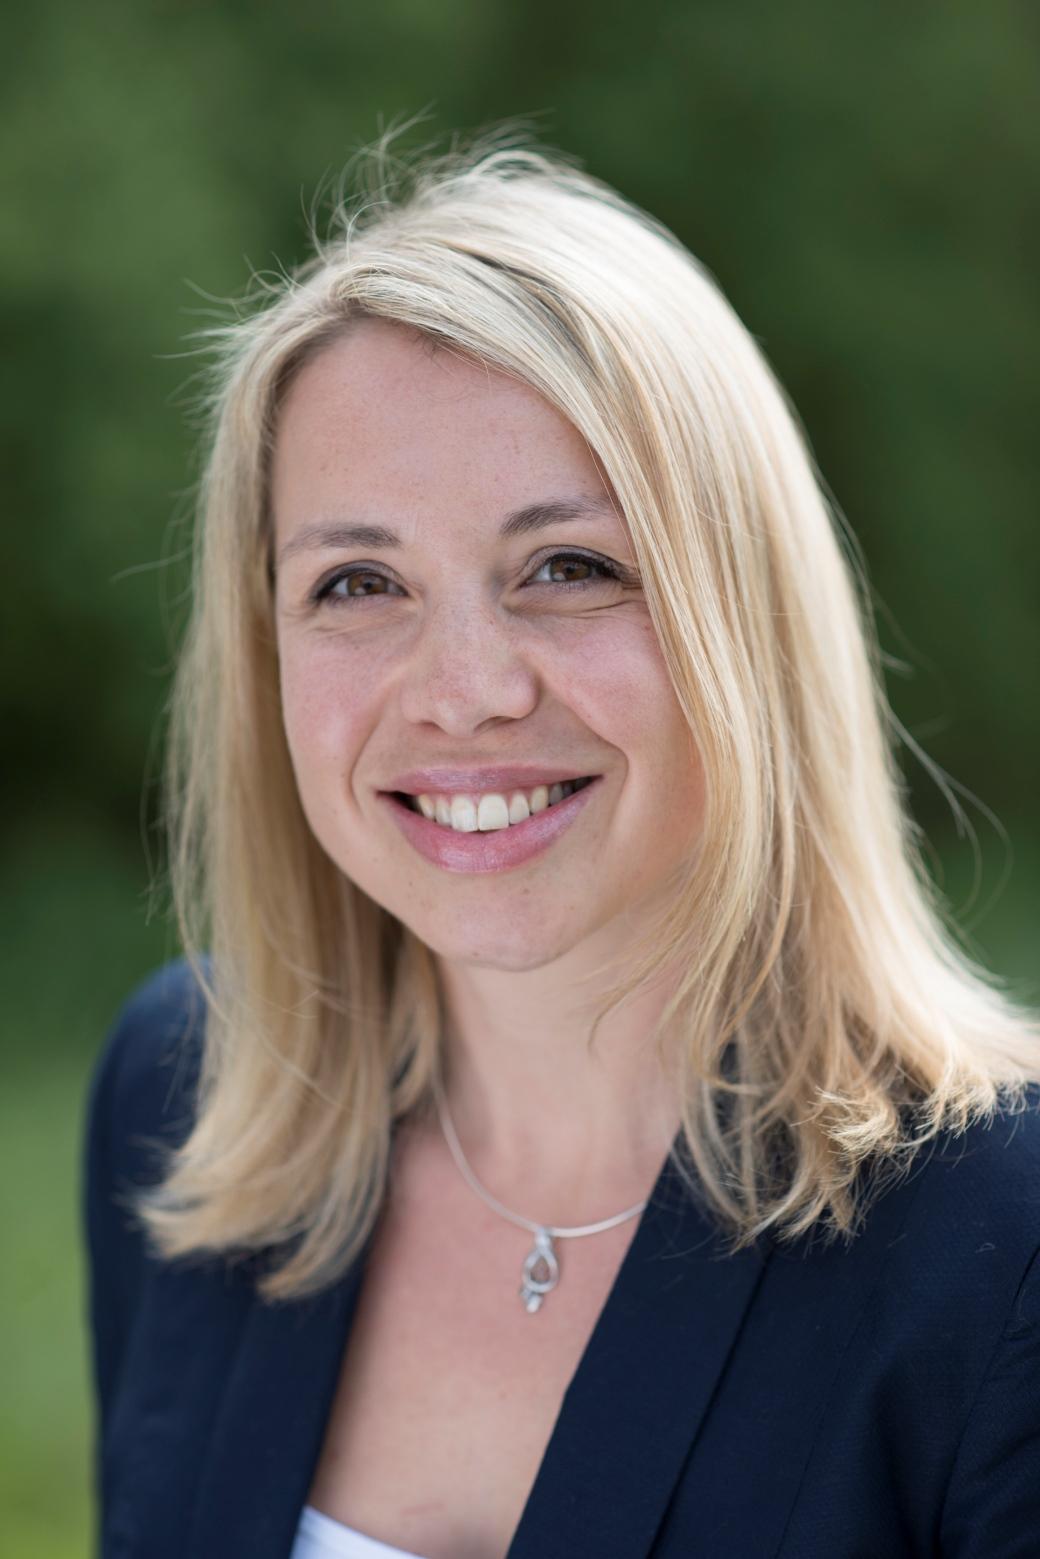 Denise Strohmaier